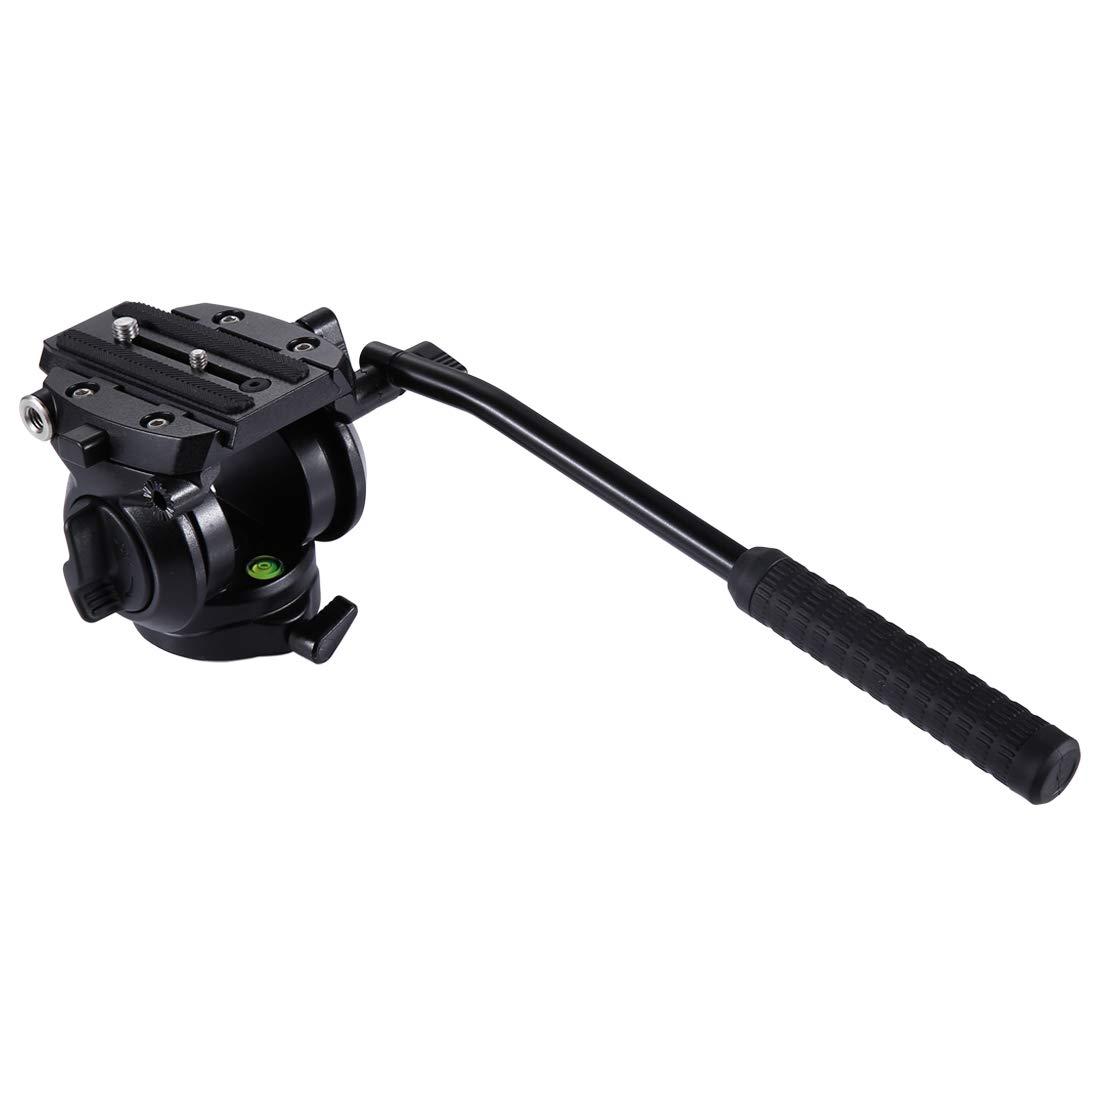 買い保障できる KANEED カメラアクセサリー PULUZヘビーデューティビデオカメラ三脚動作流体スライドヘッド付きDSLR&SLRカメラ、小型(黒) 三脚、一脚 三脚、一脚 KANEED (色 : (色 Black) Black B07PJ7D712, 下町のカーペット屋さん:1671e411 --- martinemoeykens.com